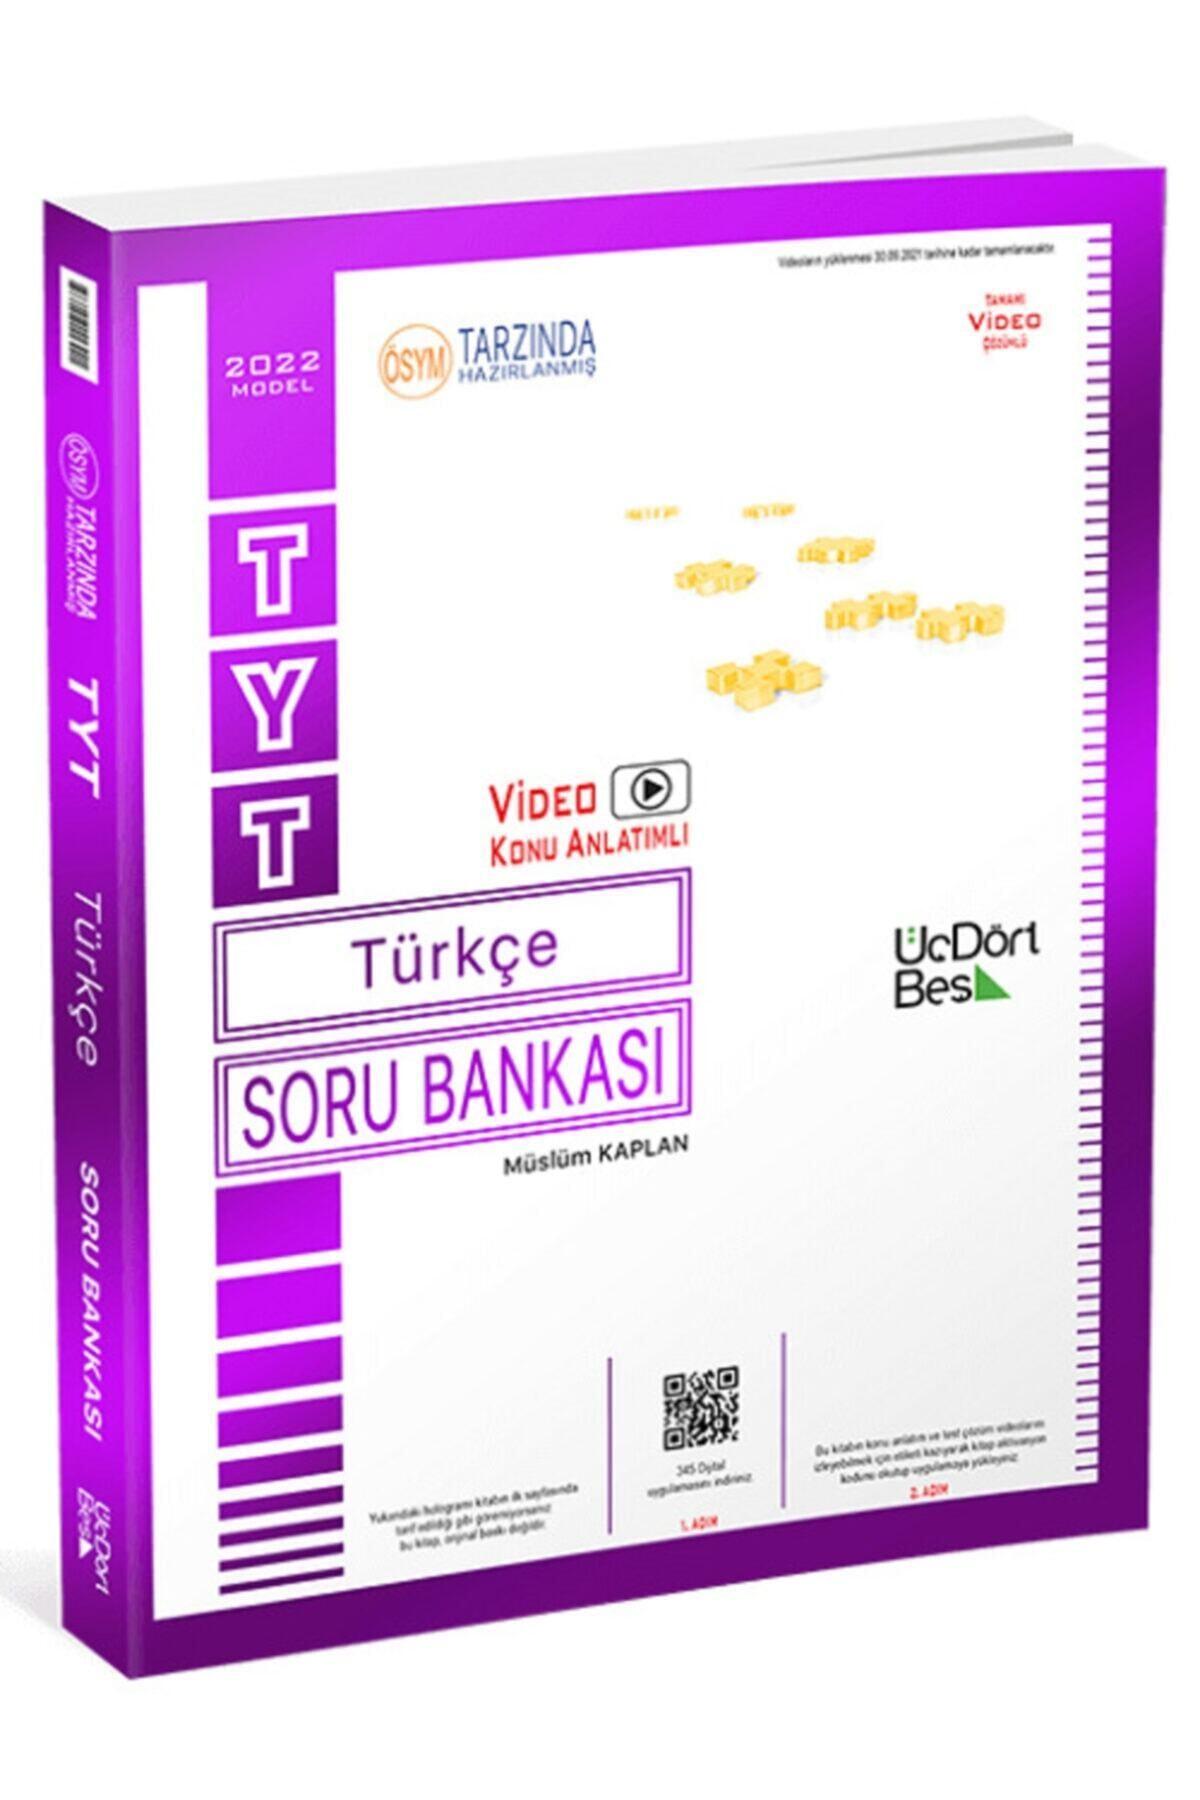 2022 Tyt Türkçe Soru Bankası Model Üç Dört Beş Yayınları